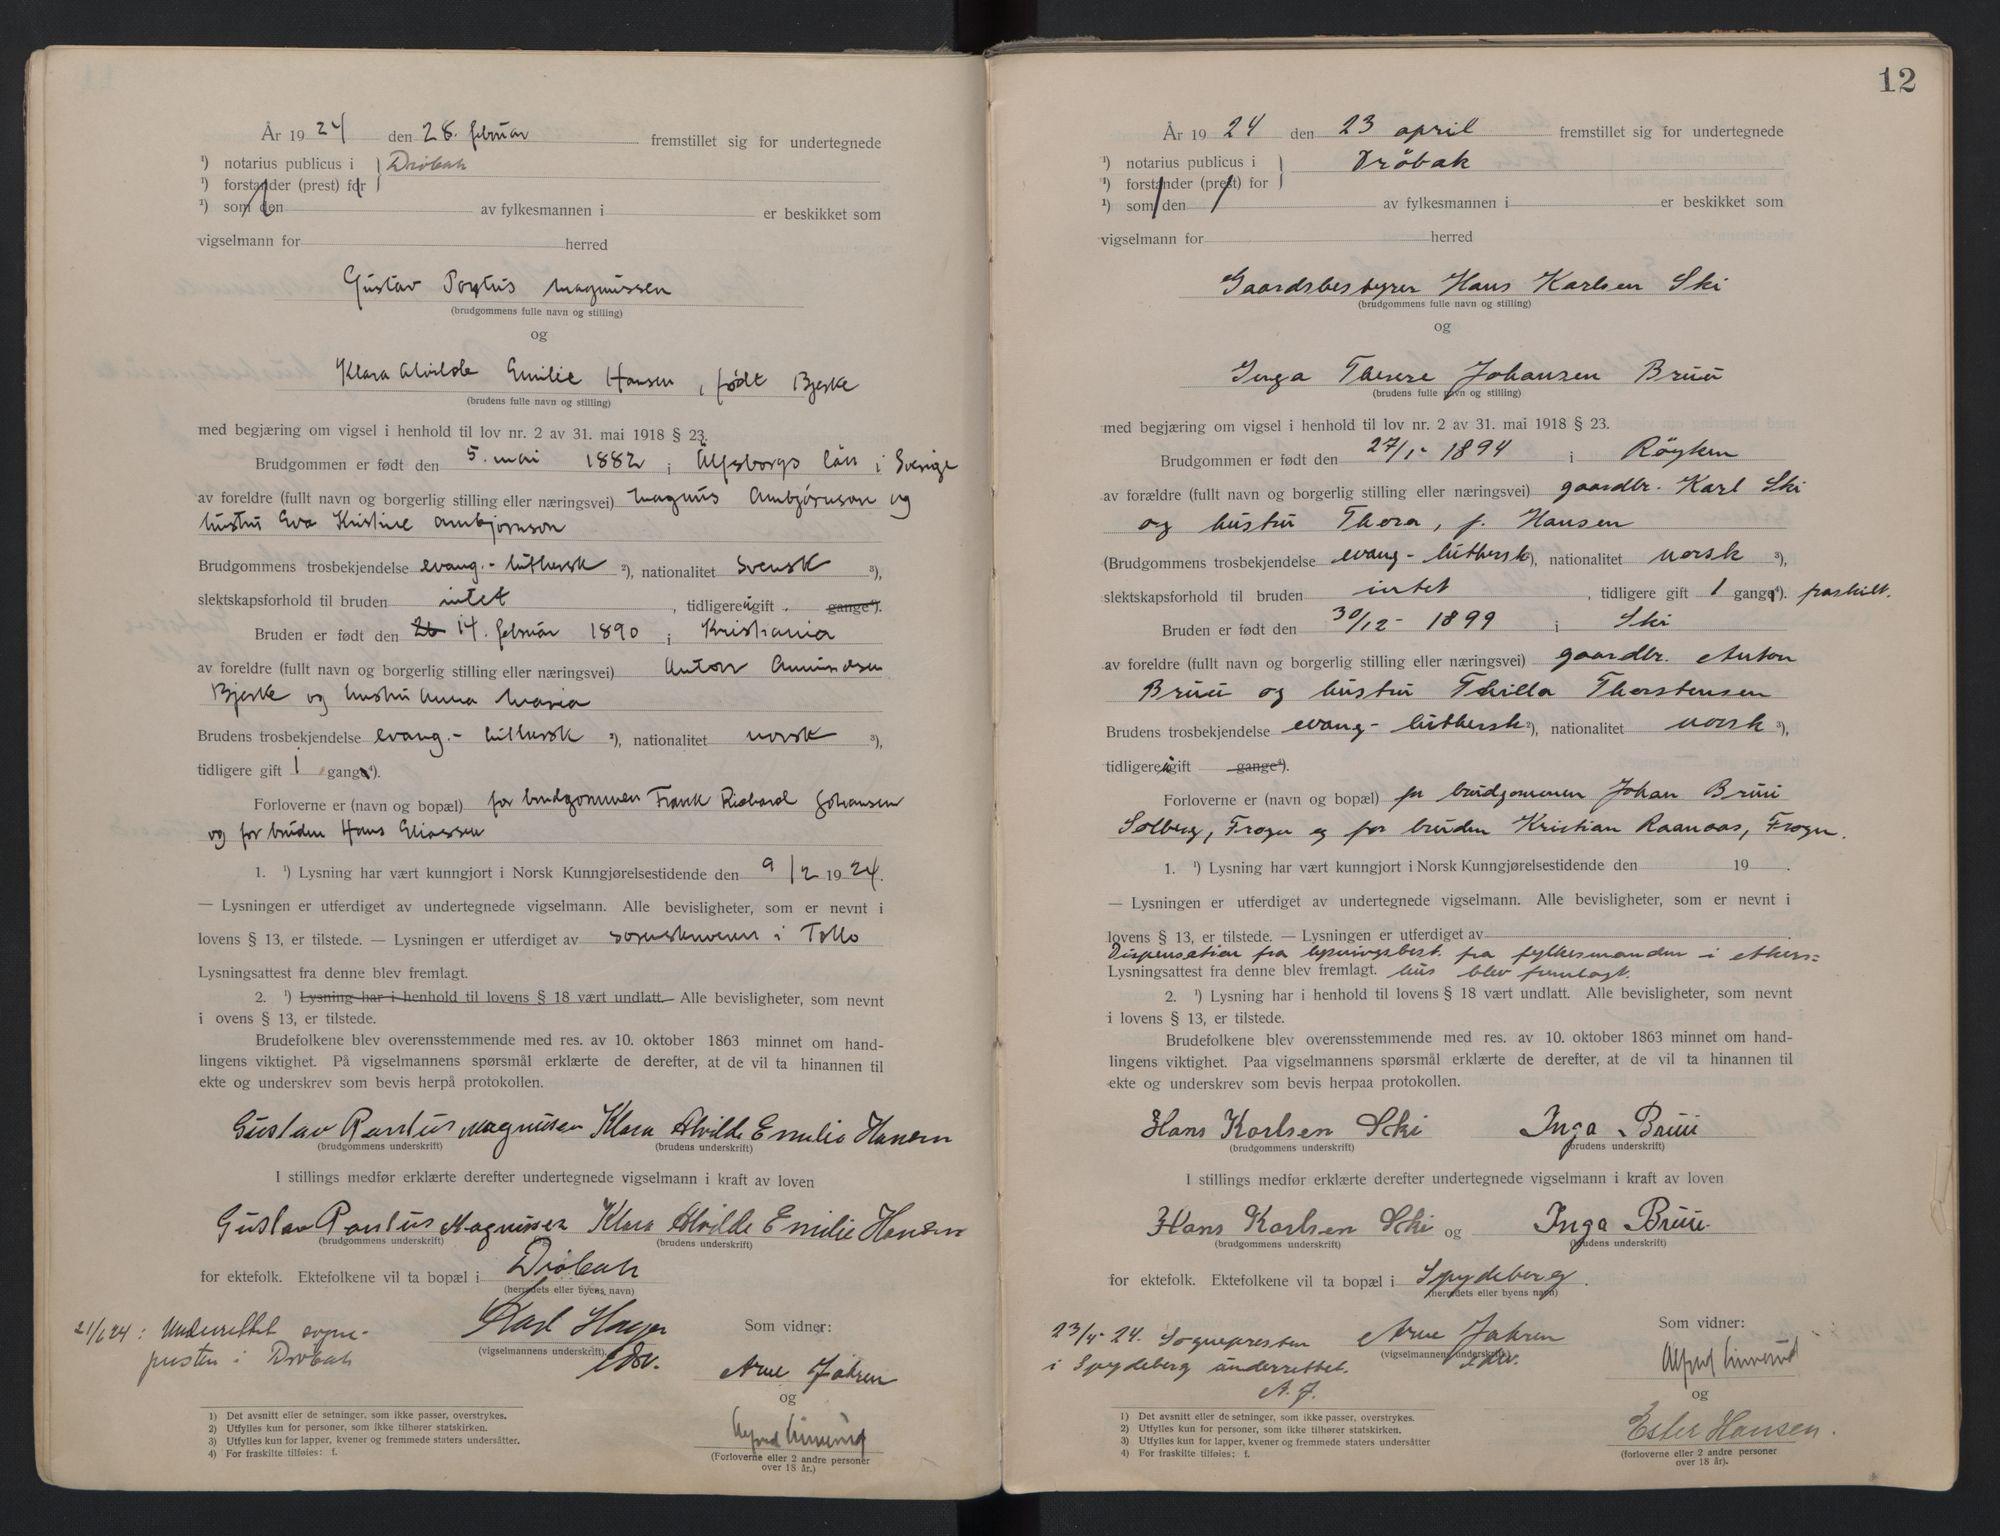 SAO, Follo sorenskriveri, L/La/Lab/L0001: Vigselsbok, 1920-1942, s. 12